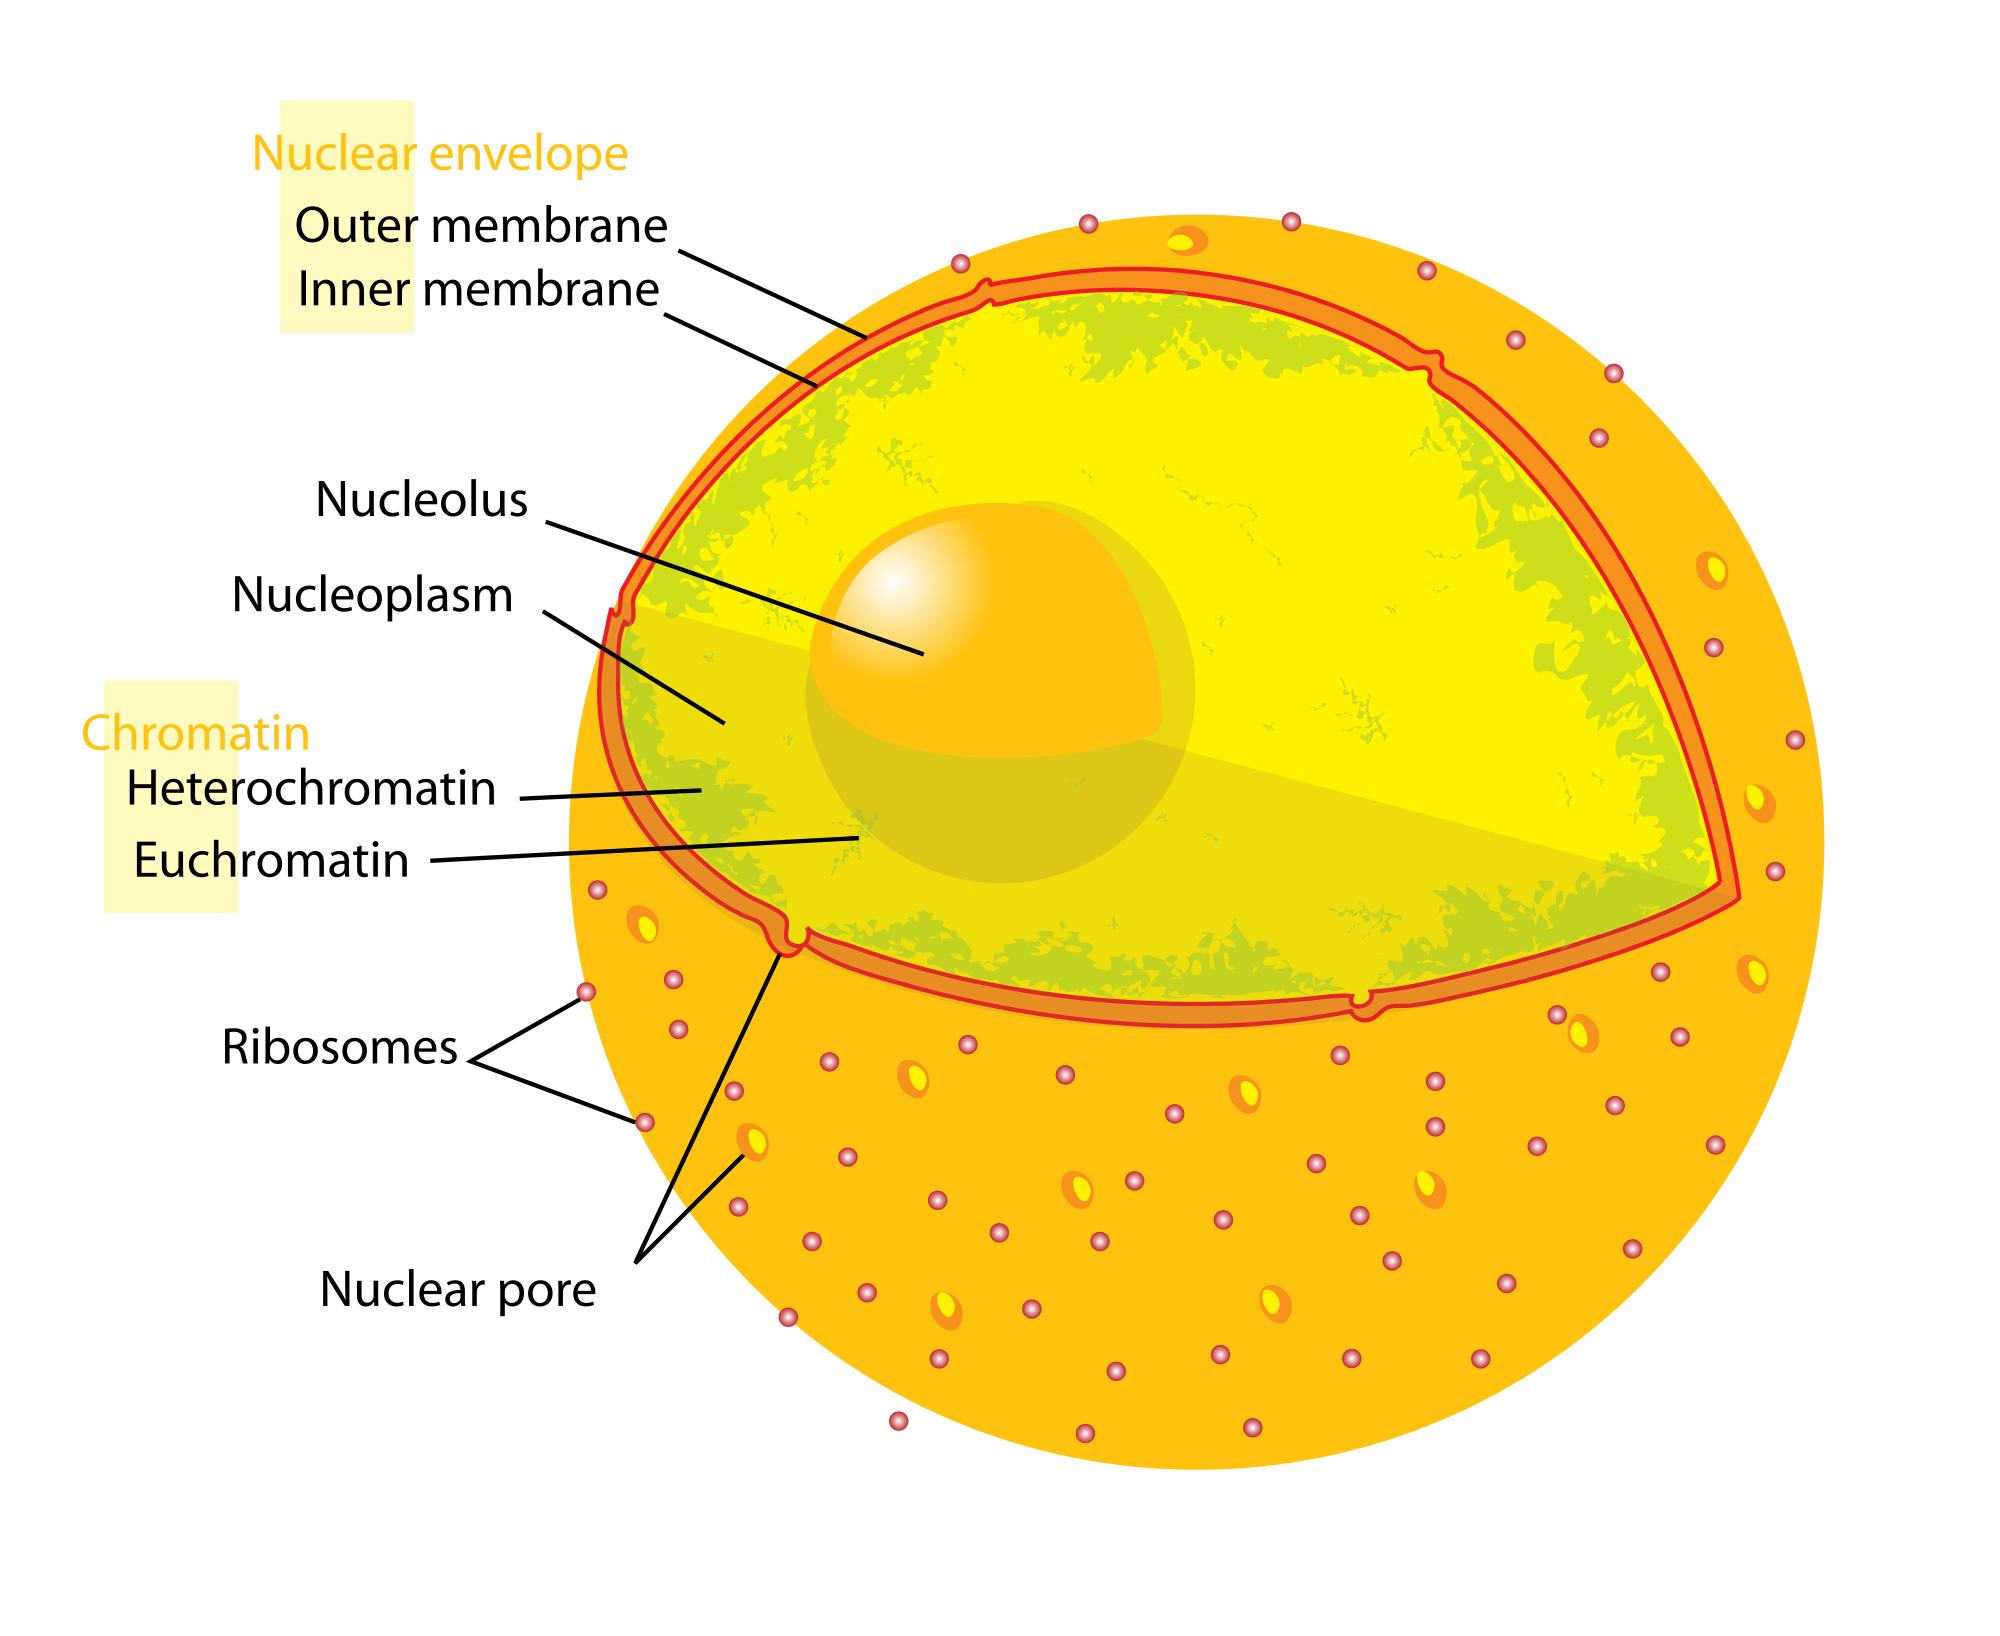 Накопление ущерба в комплексах ядерных поры может стать решающим событием